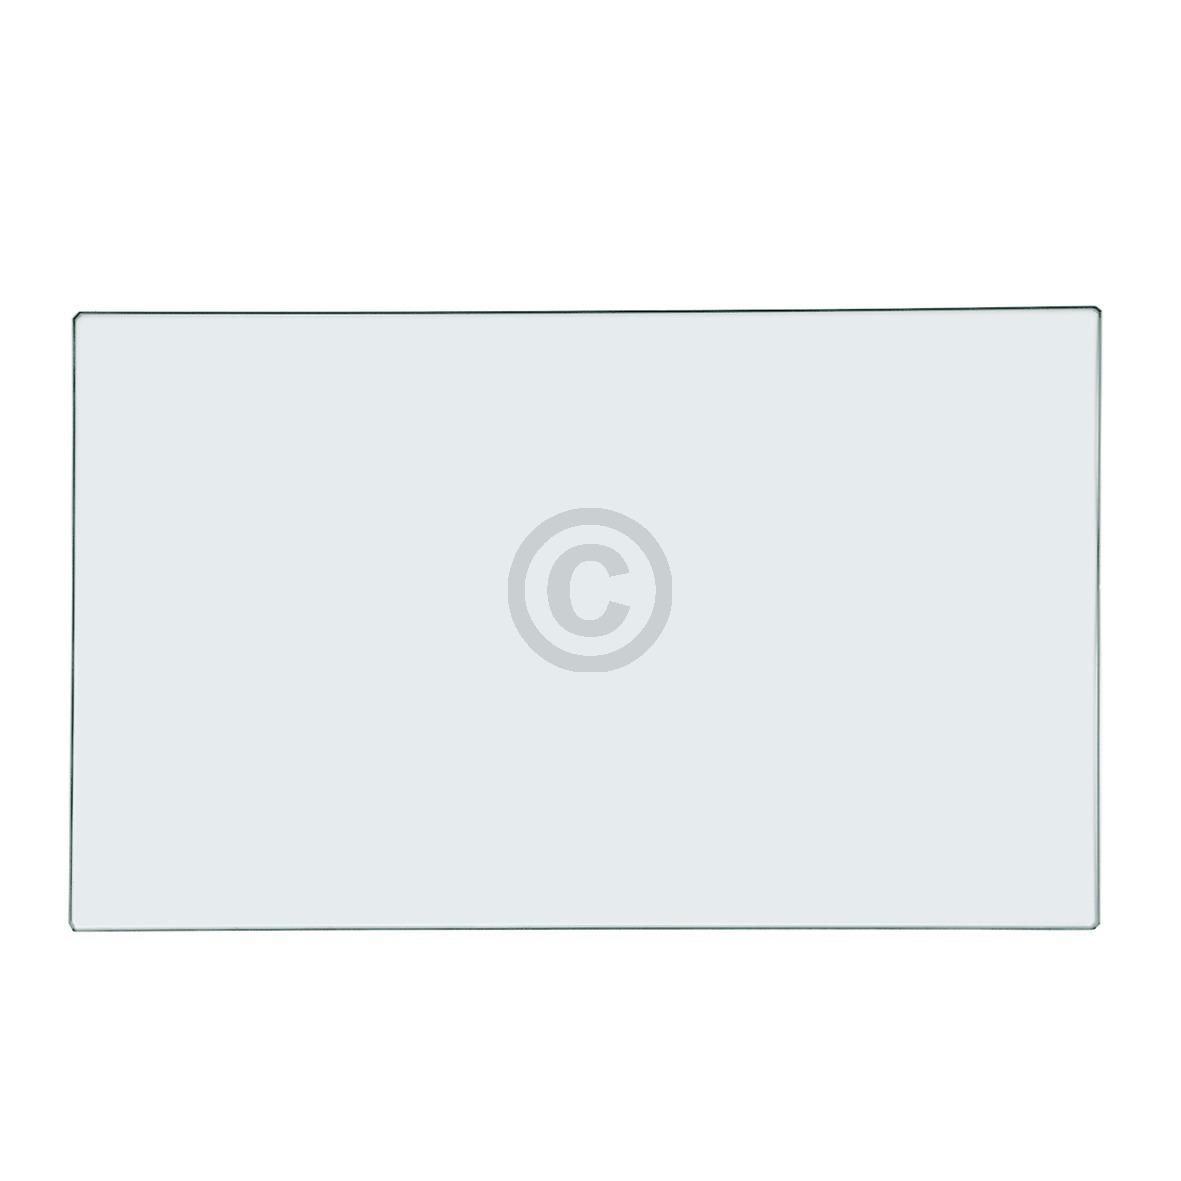 Glasplatte 476x301mm fürs Gemüsefach 224901301